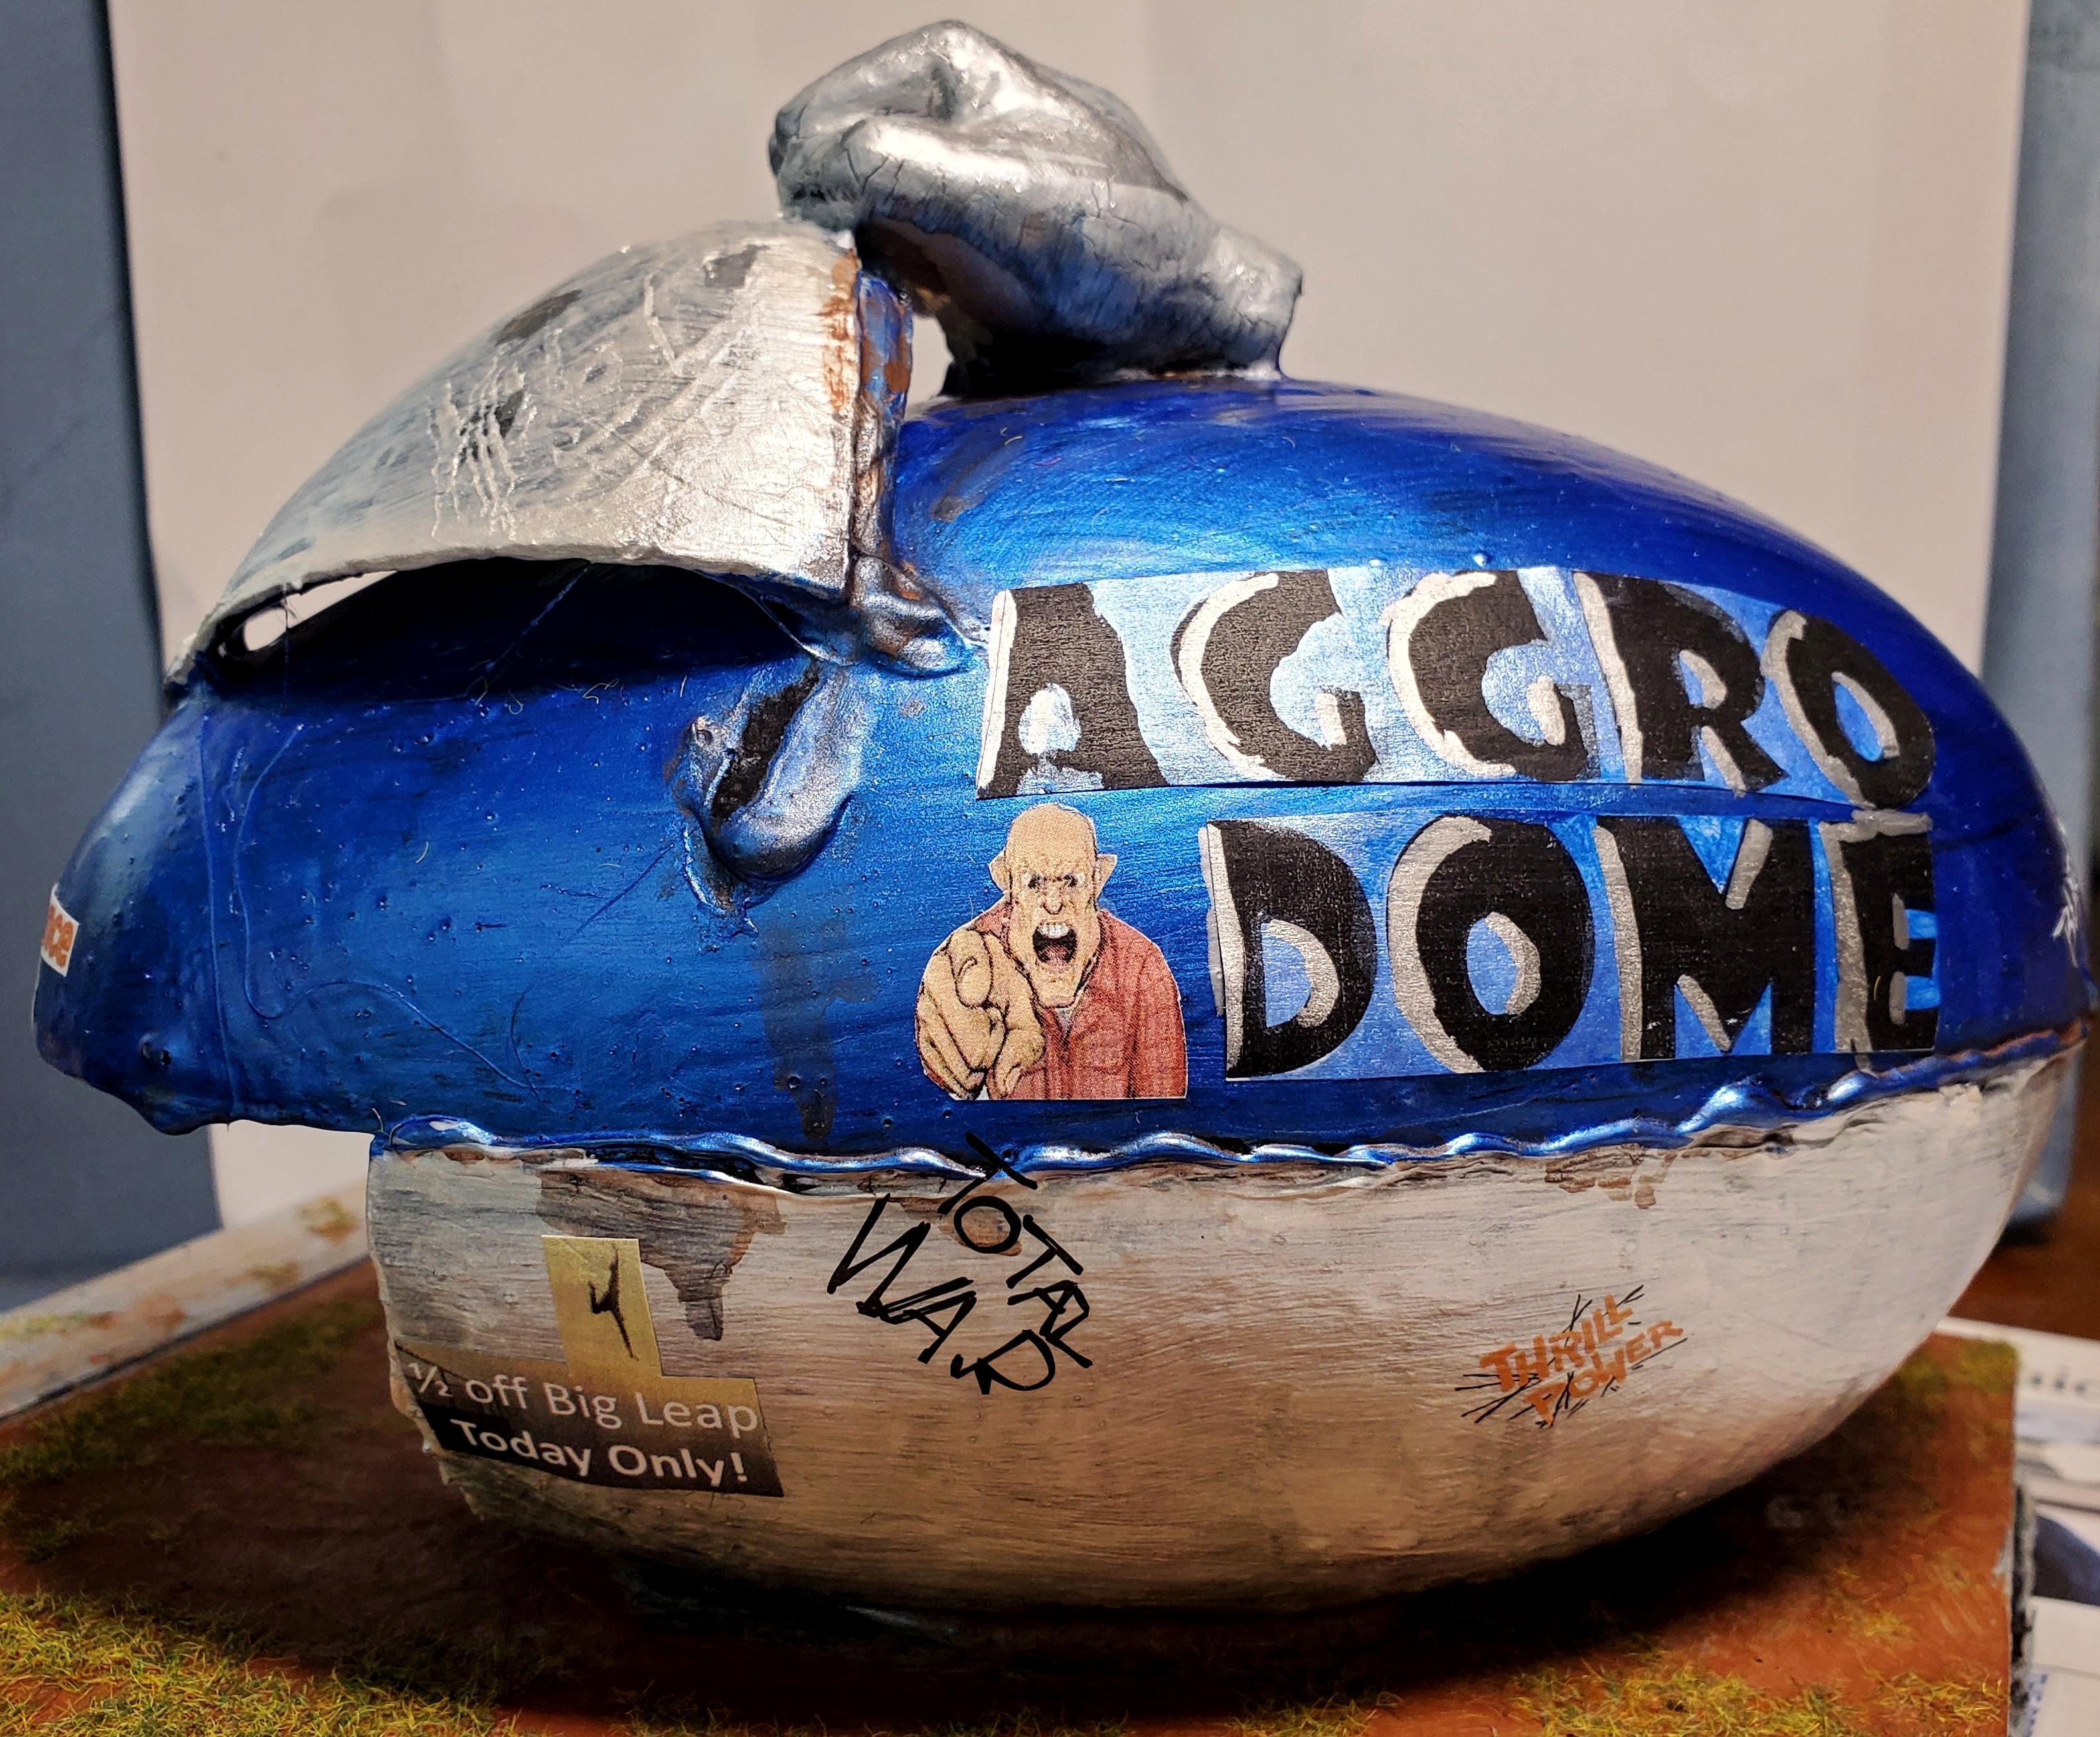 Aggro, Anderson, Dome, Dredd, I Am The Law, Judge